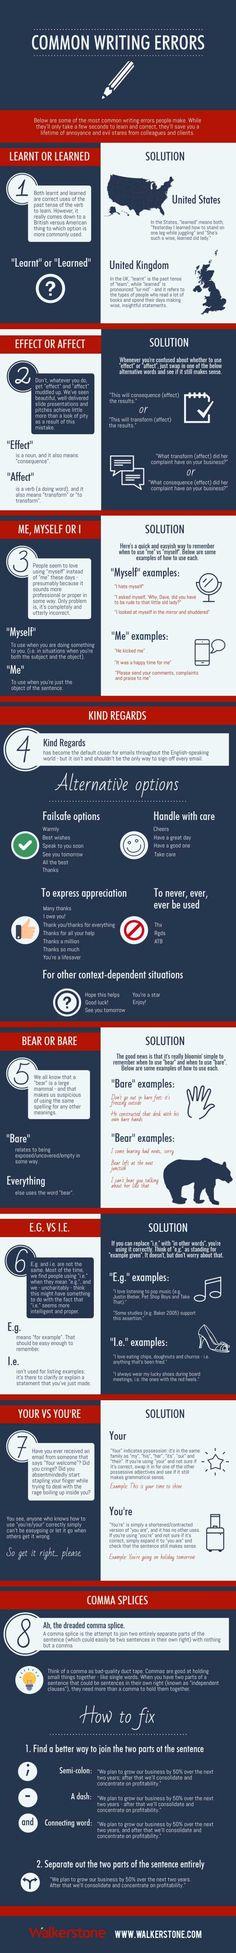 writing errors infographic